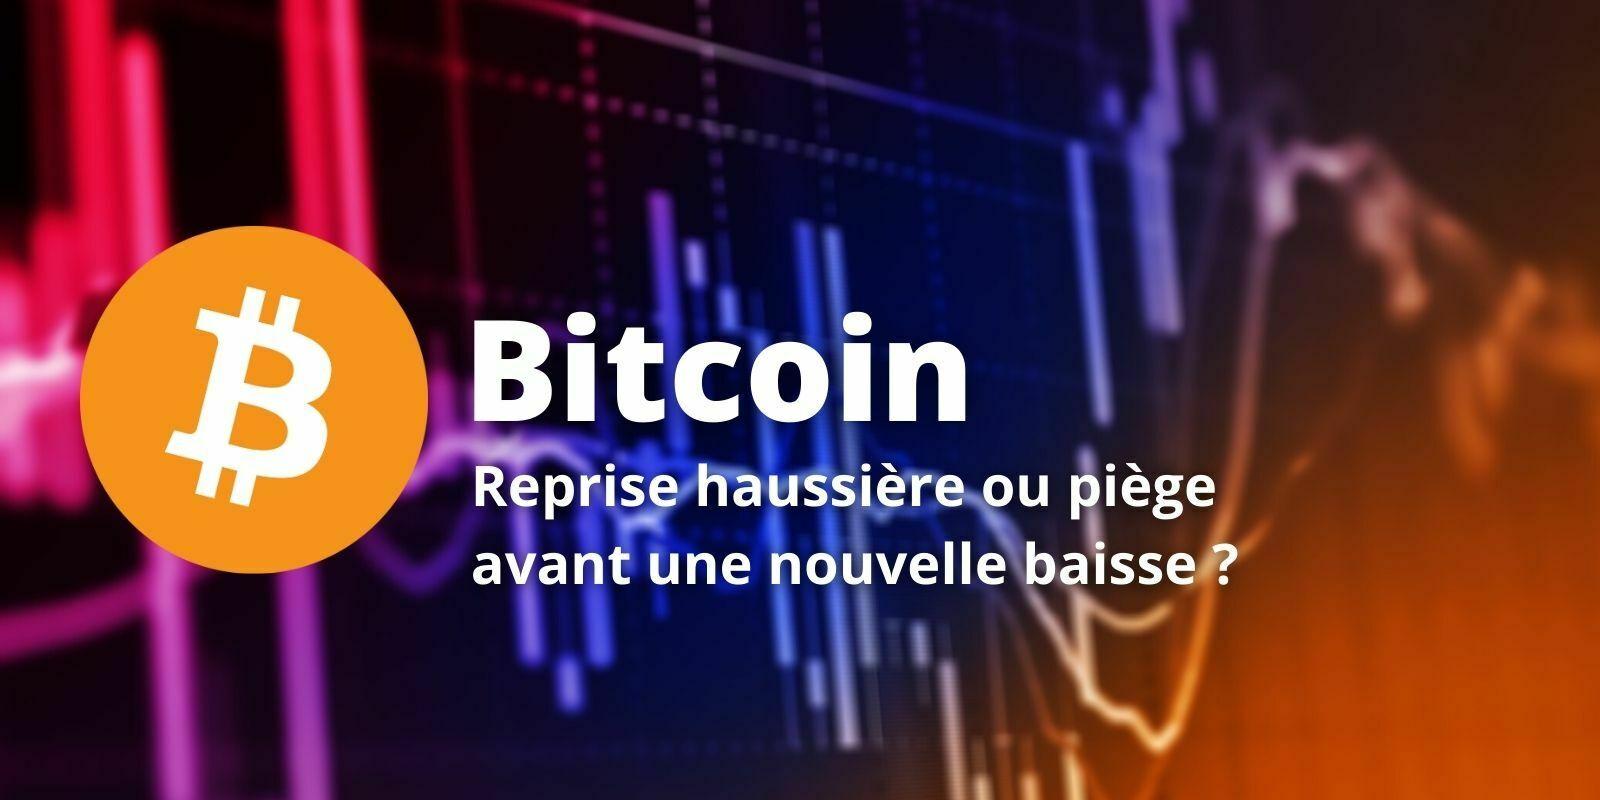 Le Bitcoin (BTC) remonte vers ses sommets après une rapide correction